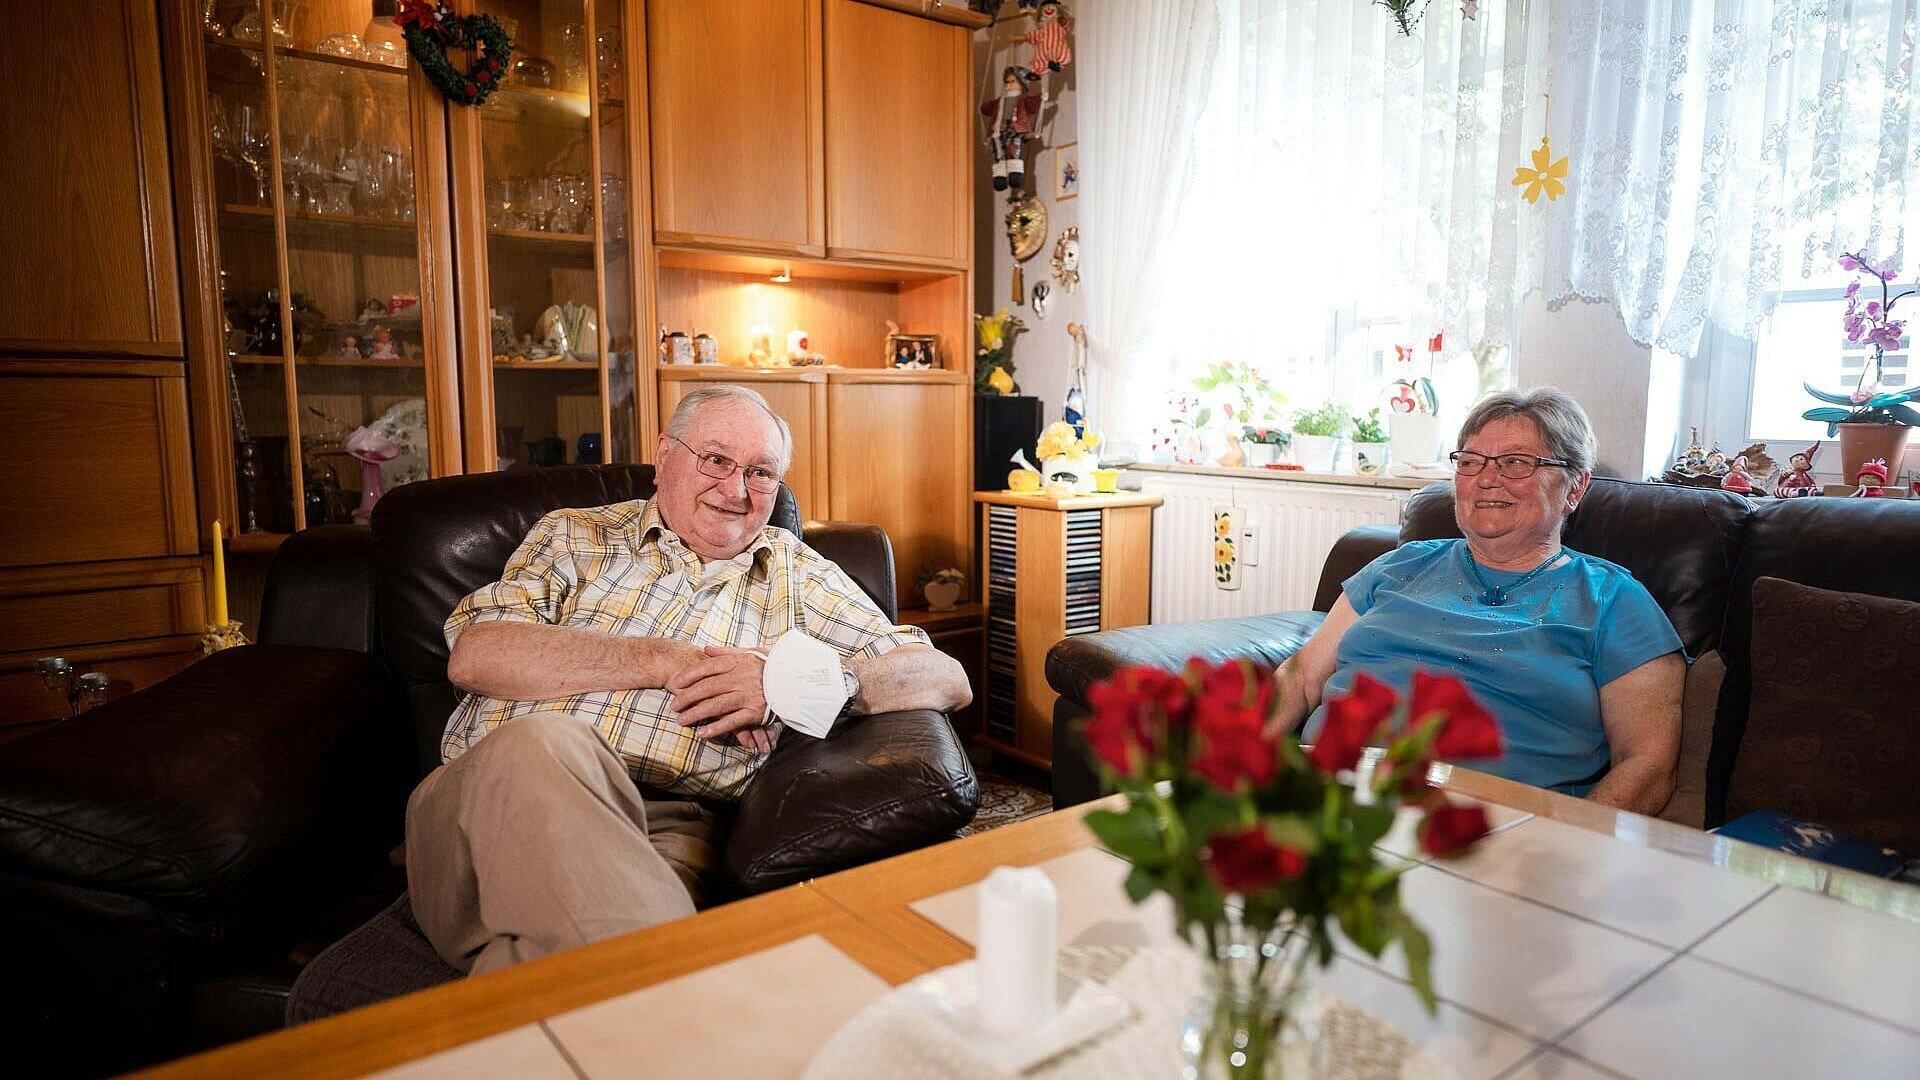 Ehepaar Neubert im Wohnzimmer in der Germaniasiedlung in Höhenberg